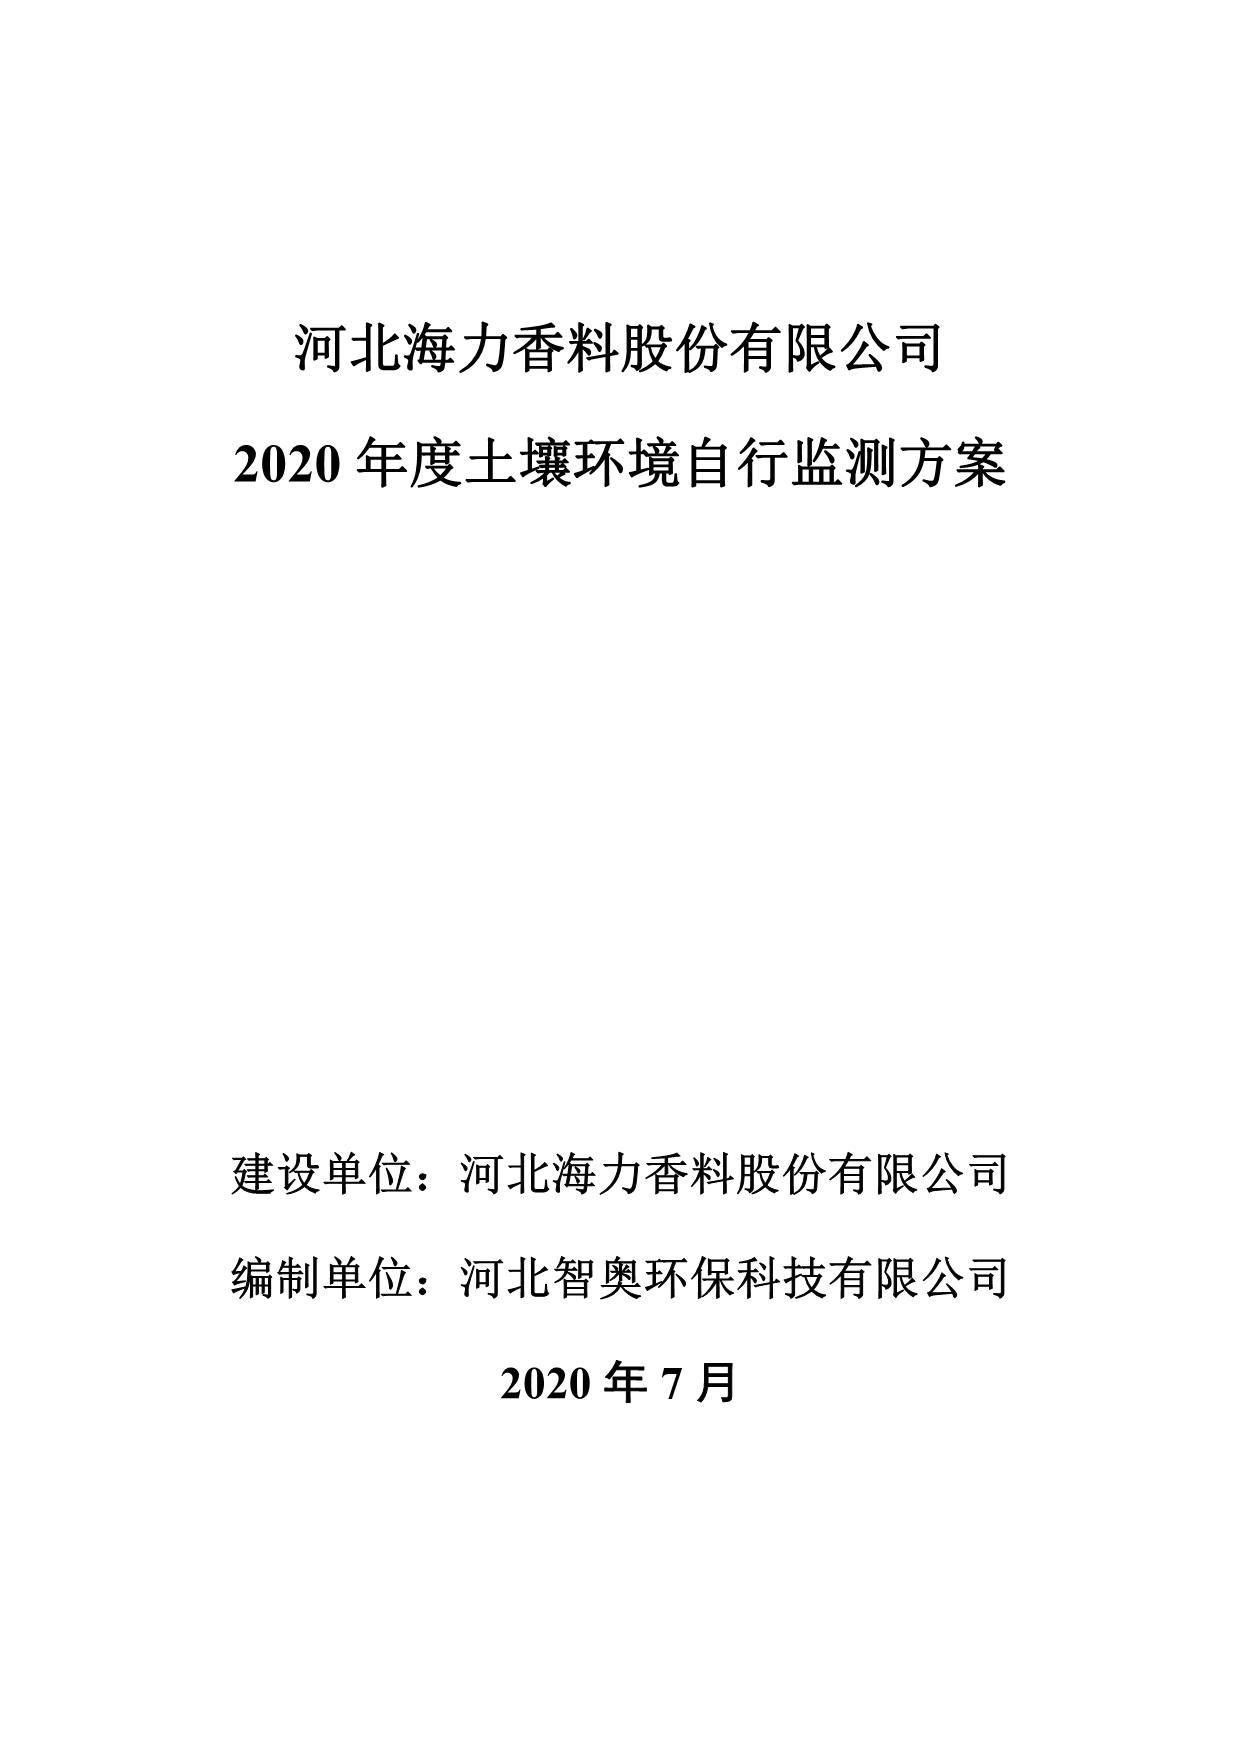 2020年土壤自行監測方案